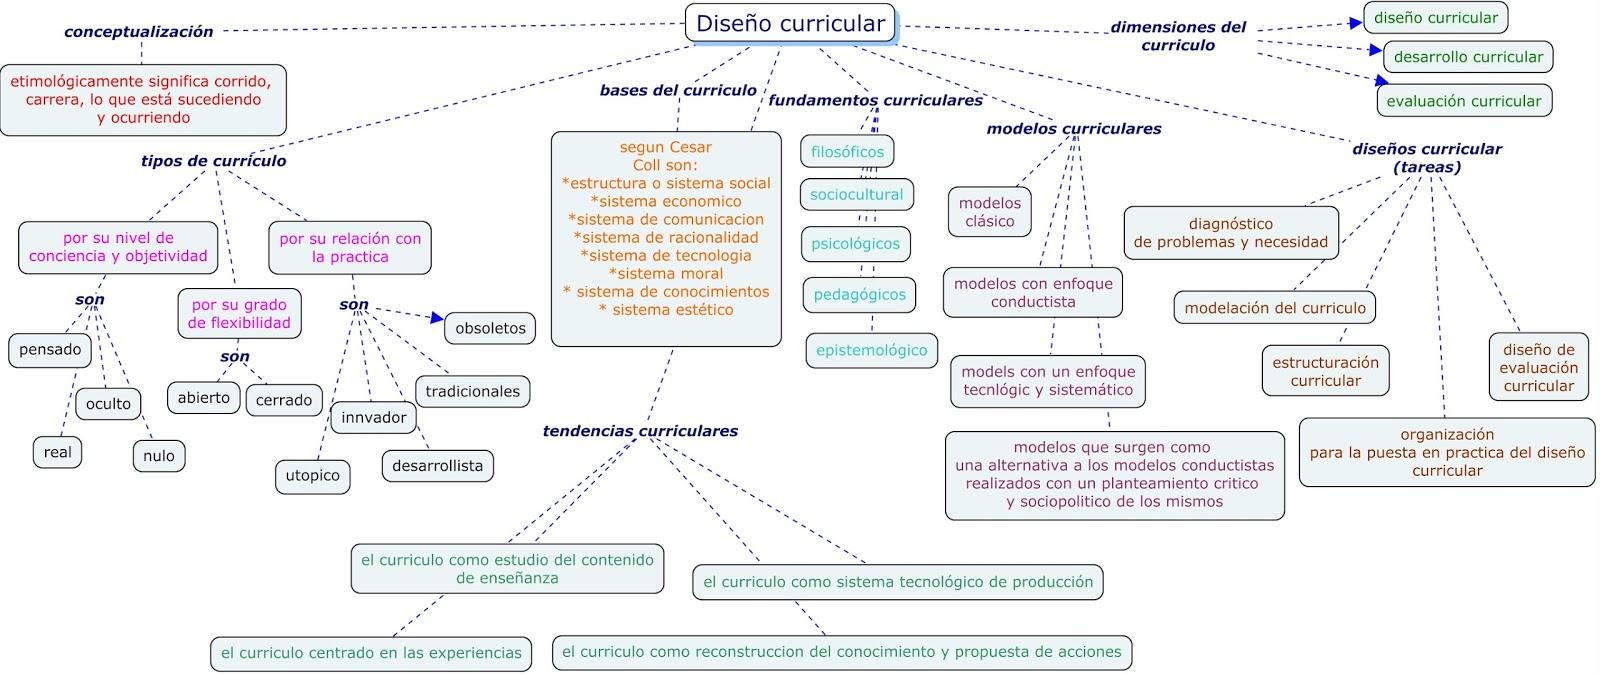 Educa y educa tu mundo: mapa conceptual fundamentos básicos del ...